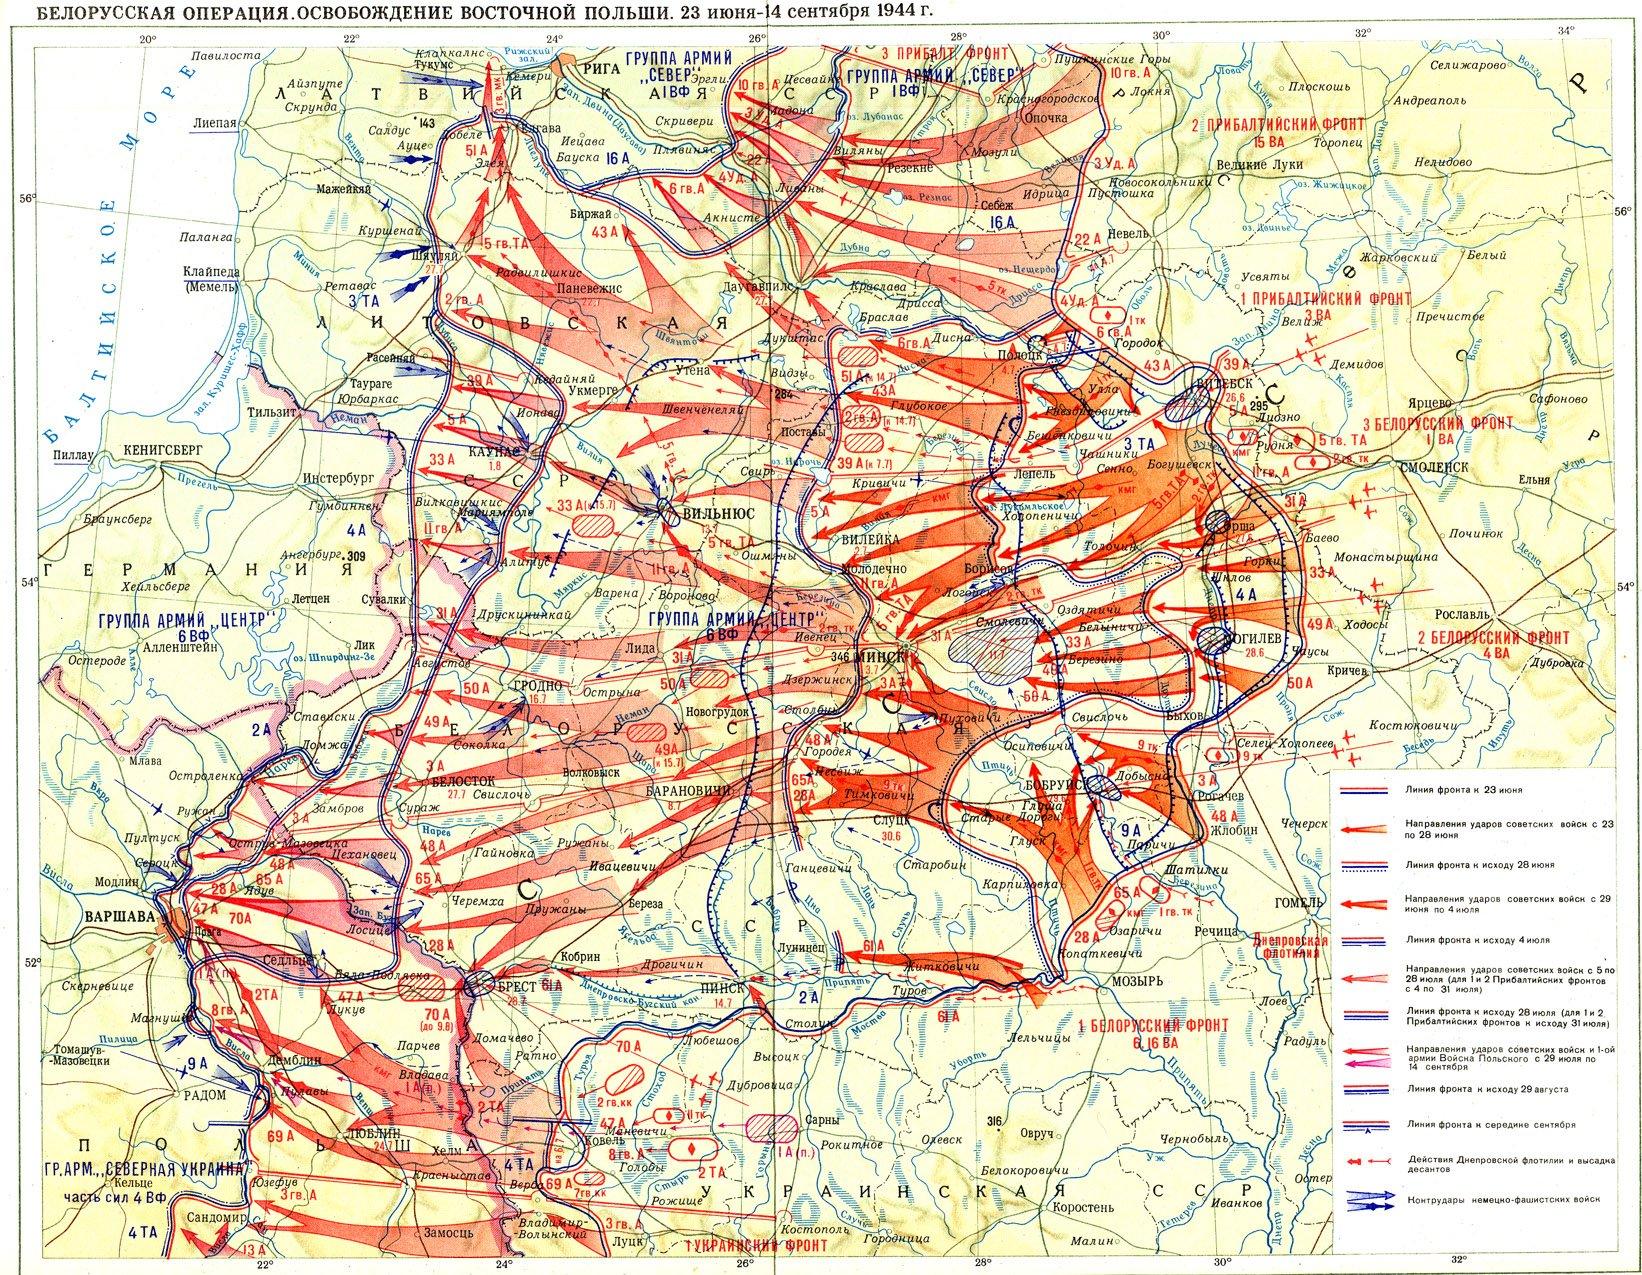 作戦 バグラチオン 1944年のバグラチオン作戦は、ドイツ軍が機動防御を実施していたら少な